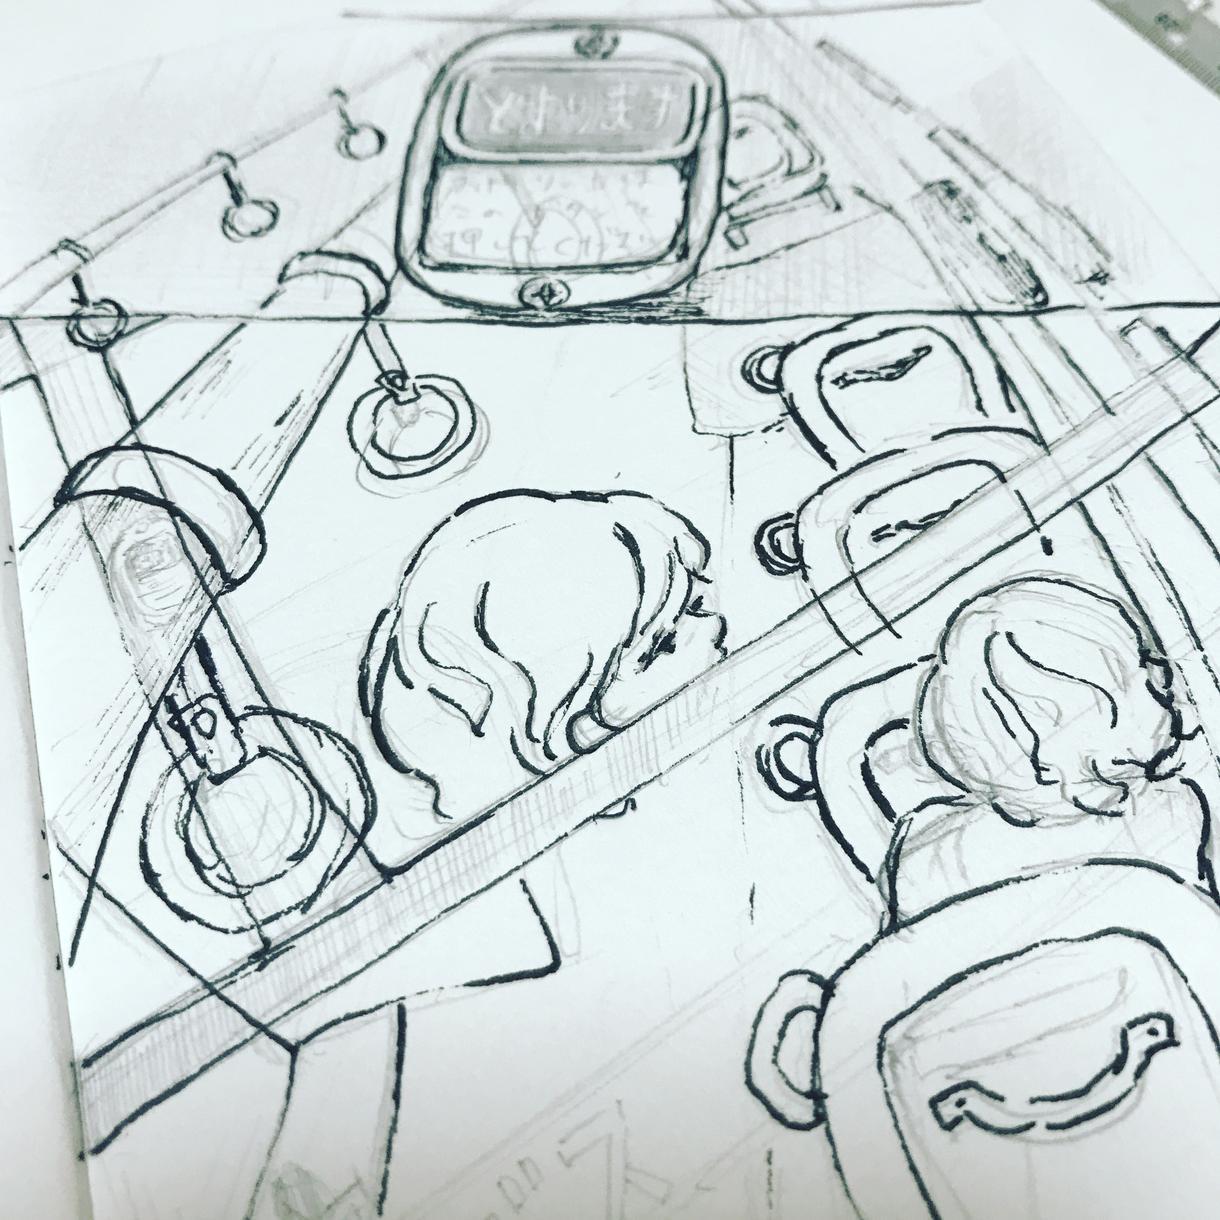 手書きイラスト、似顔絵描きます SNSのアイコンを新しくしたい方、似顔絵を描いて欲しい方へ